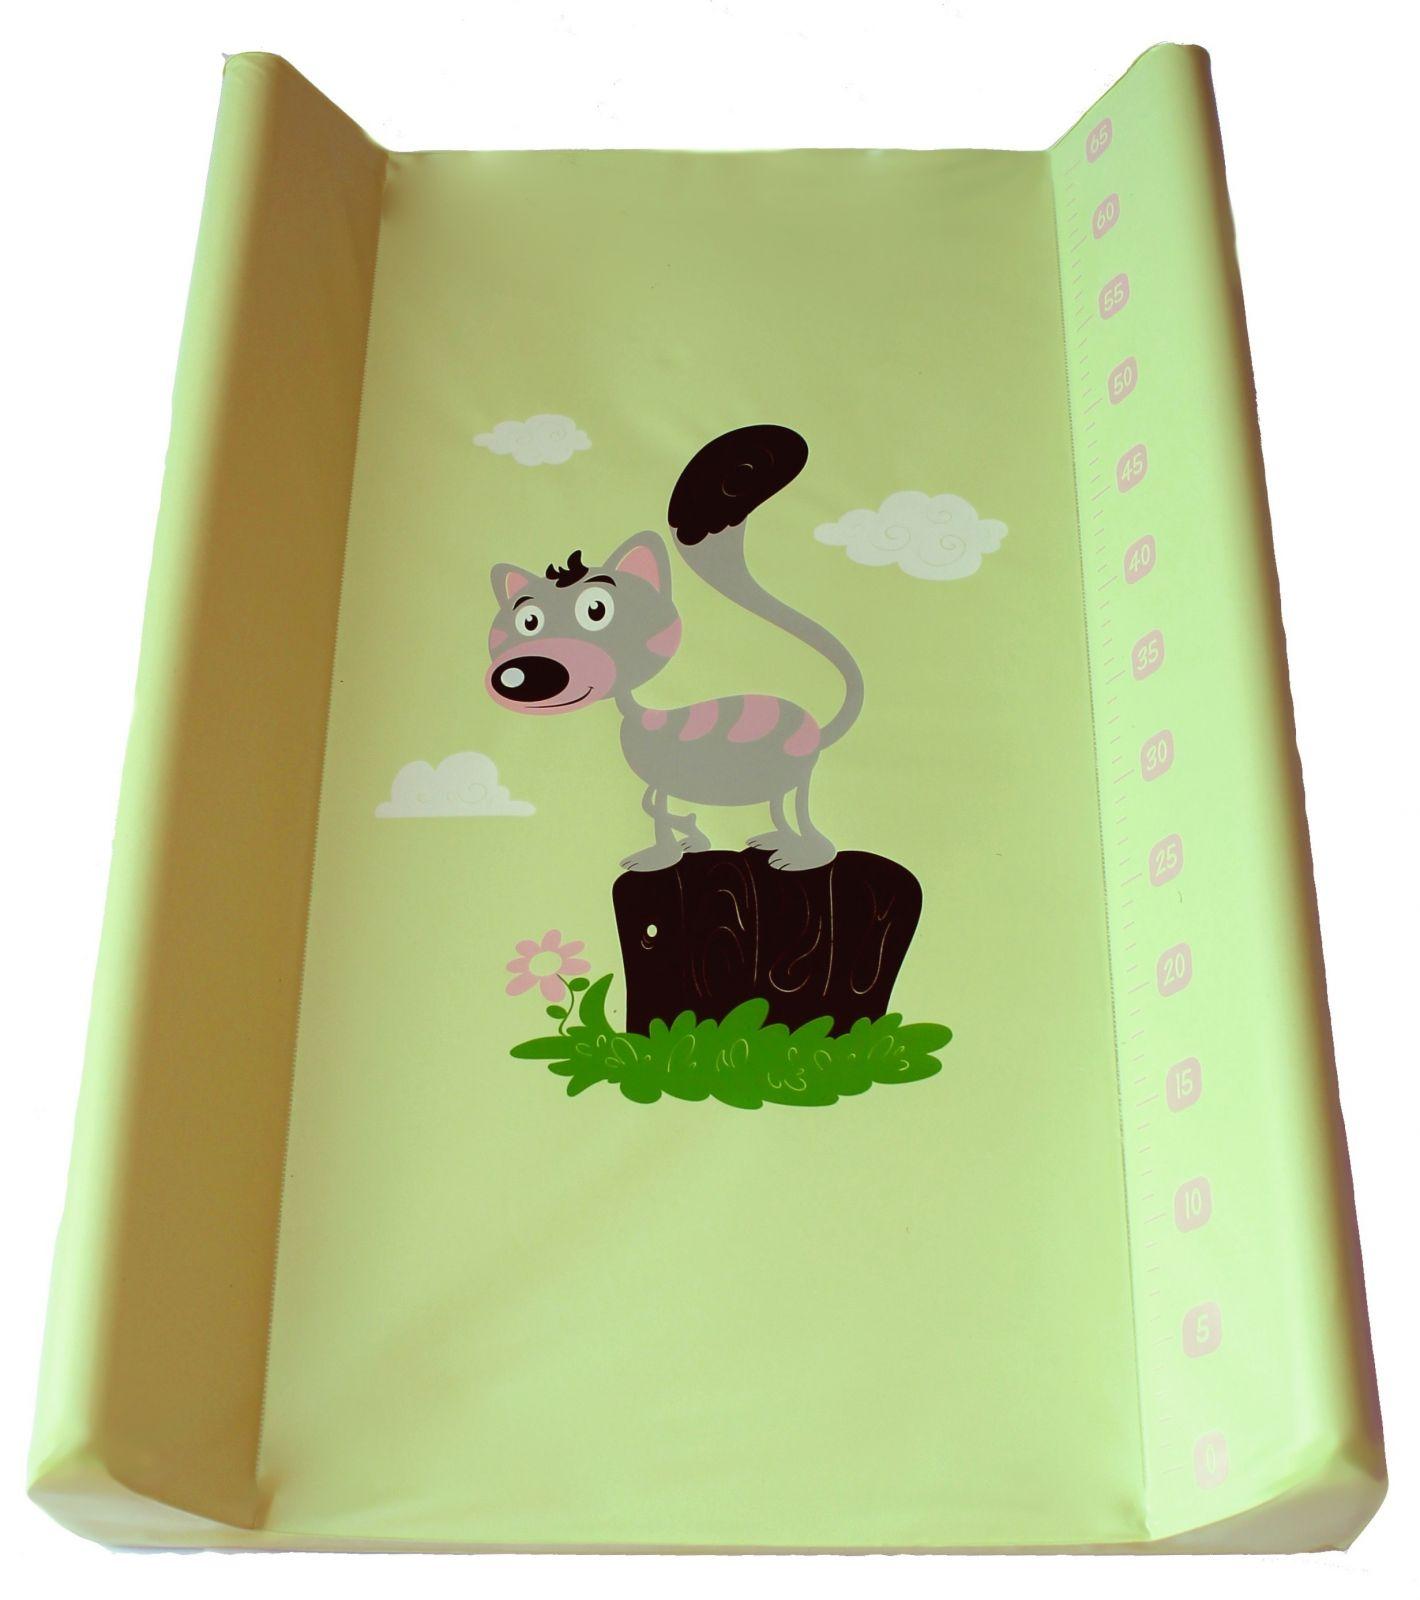 Přebalovací podložka Baby sky měkká 50x70 cm zelená kotě